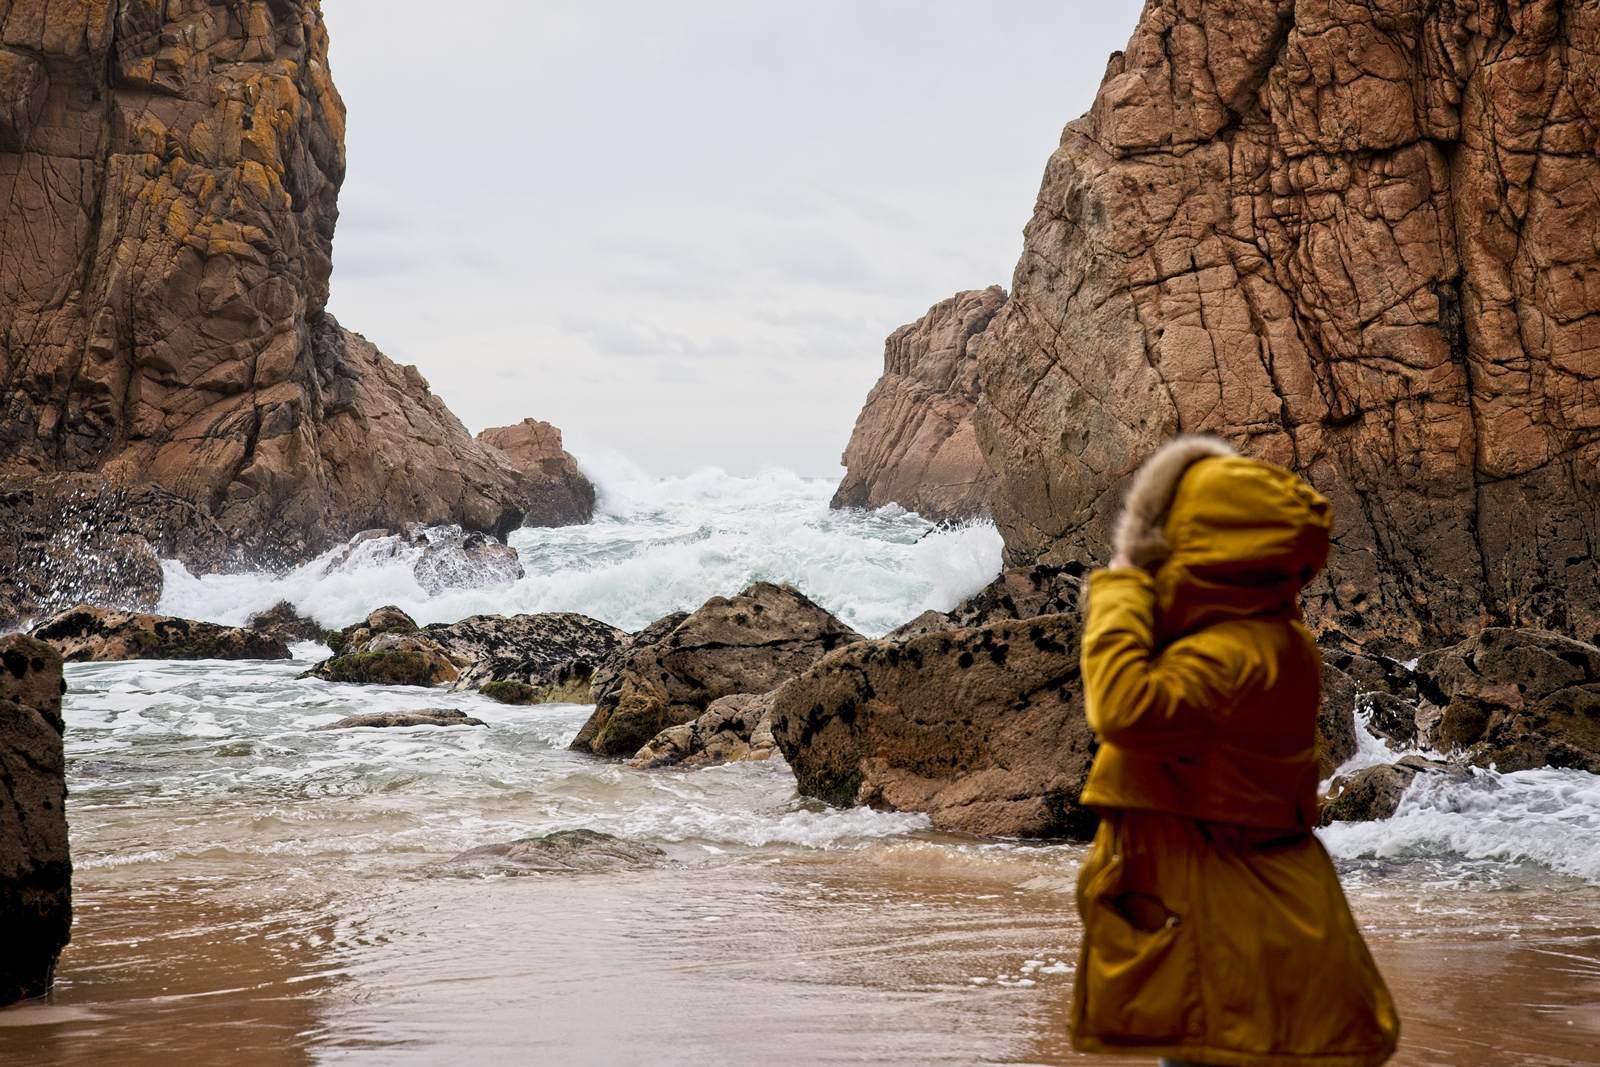 portugalia zima portugalia poza sezonem na plazy zima wysokie fale plaze obok lizbony